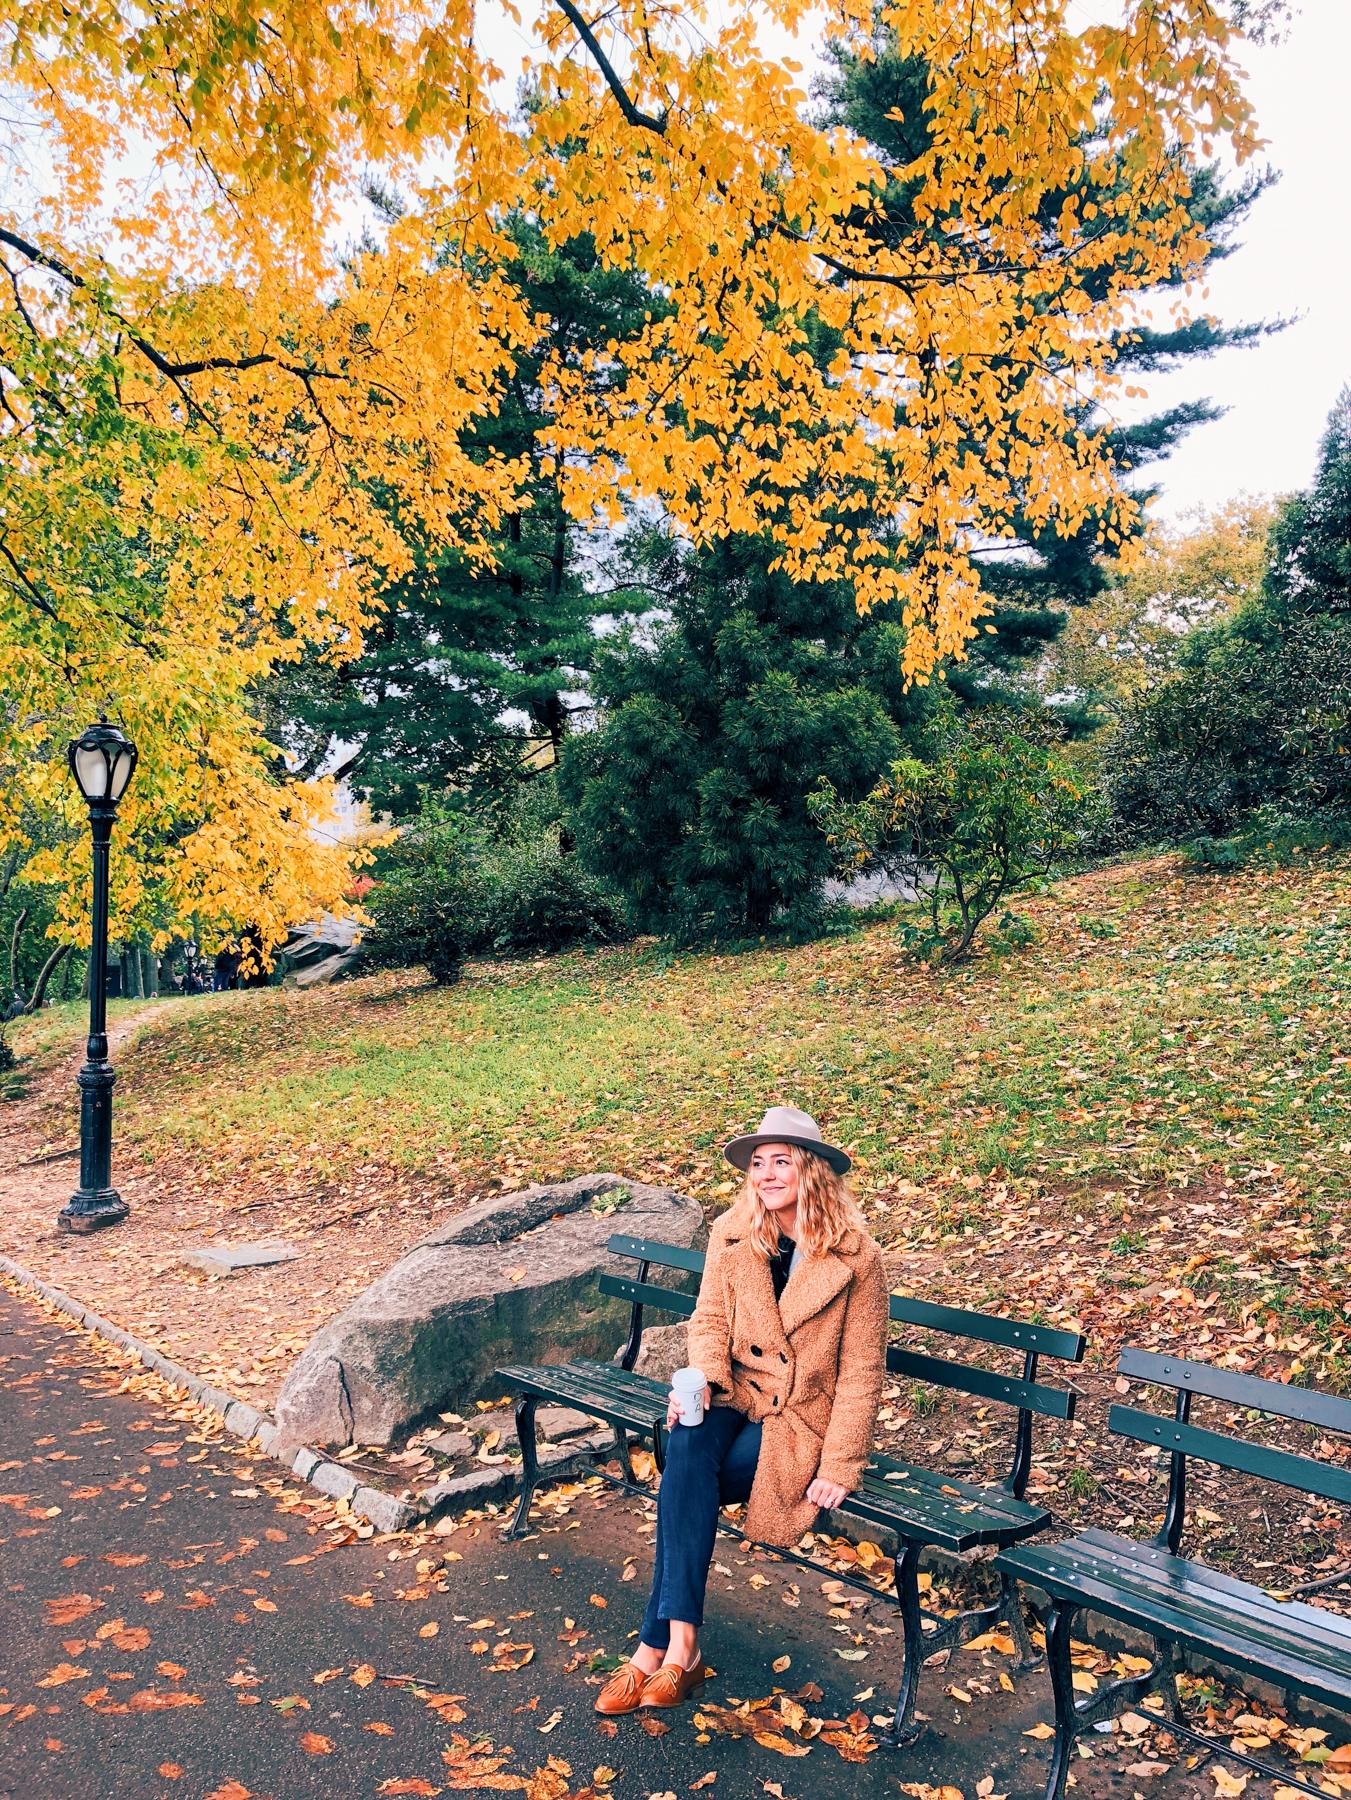 Central Park near The Loeb Boathouse